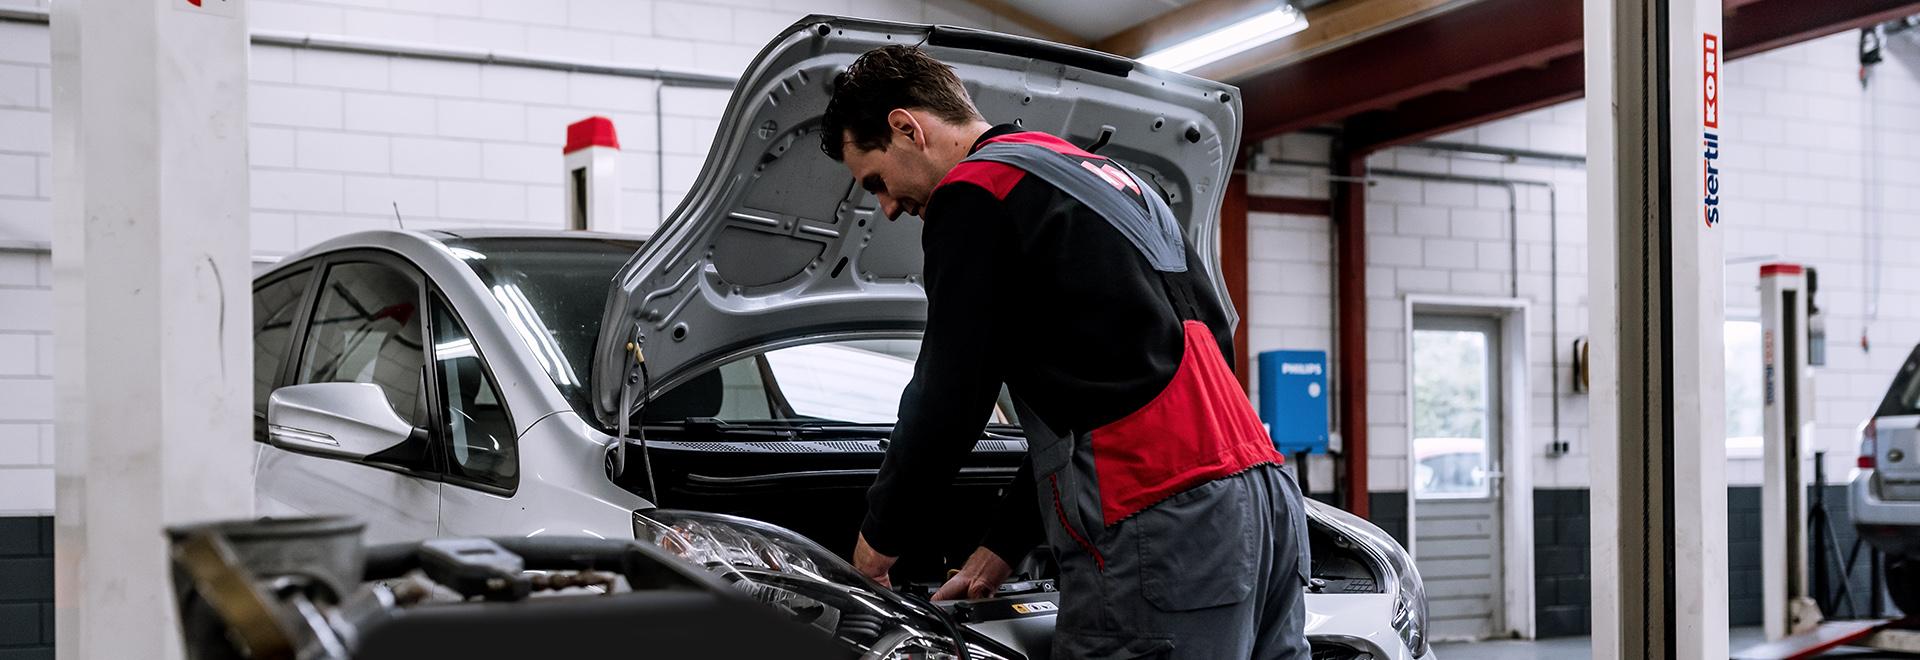 Onderhoud auto Baak autobedrijf Robert Wisselink